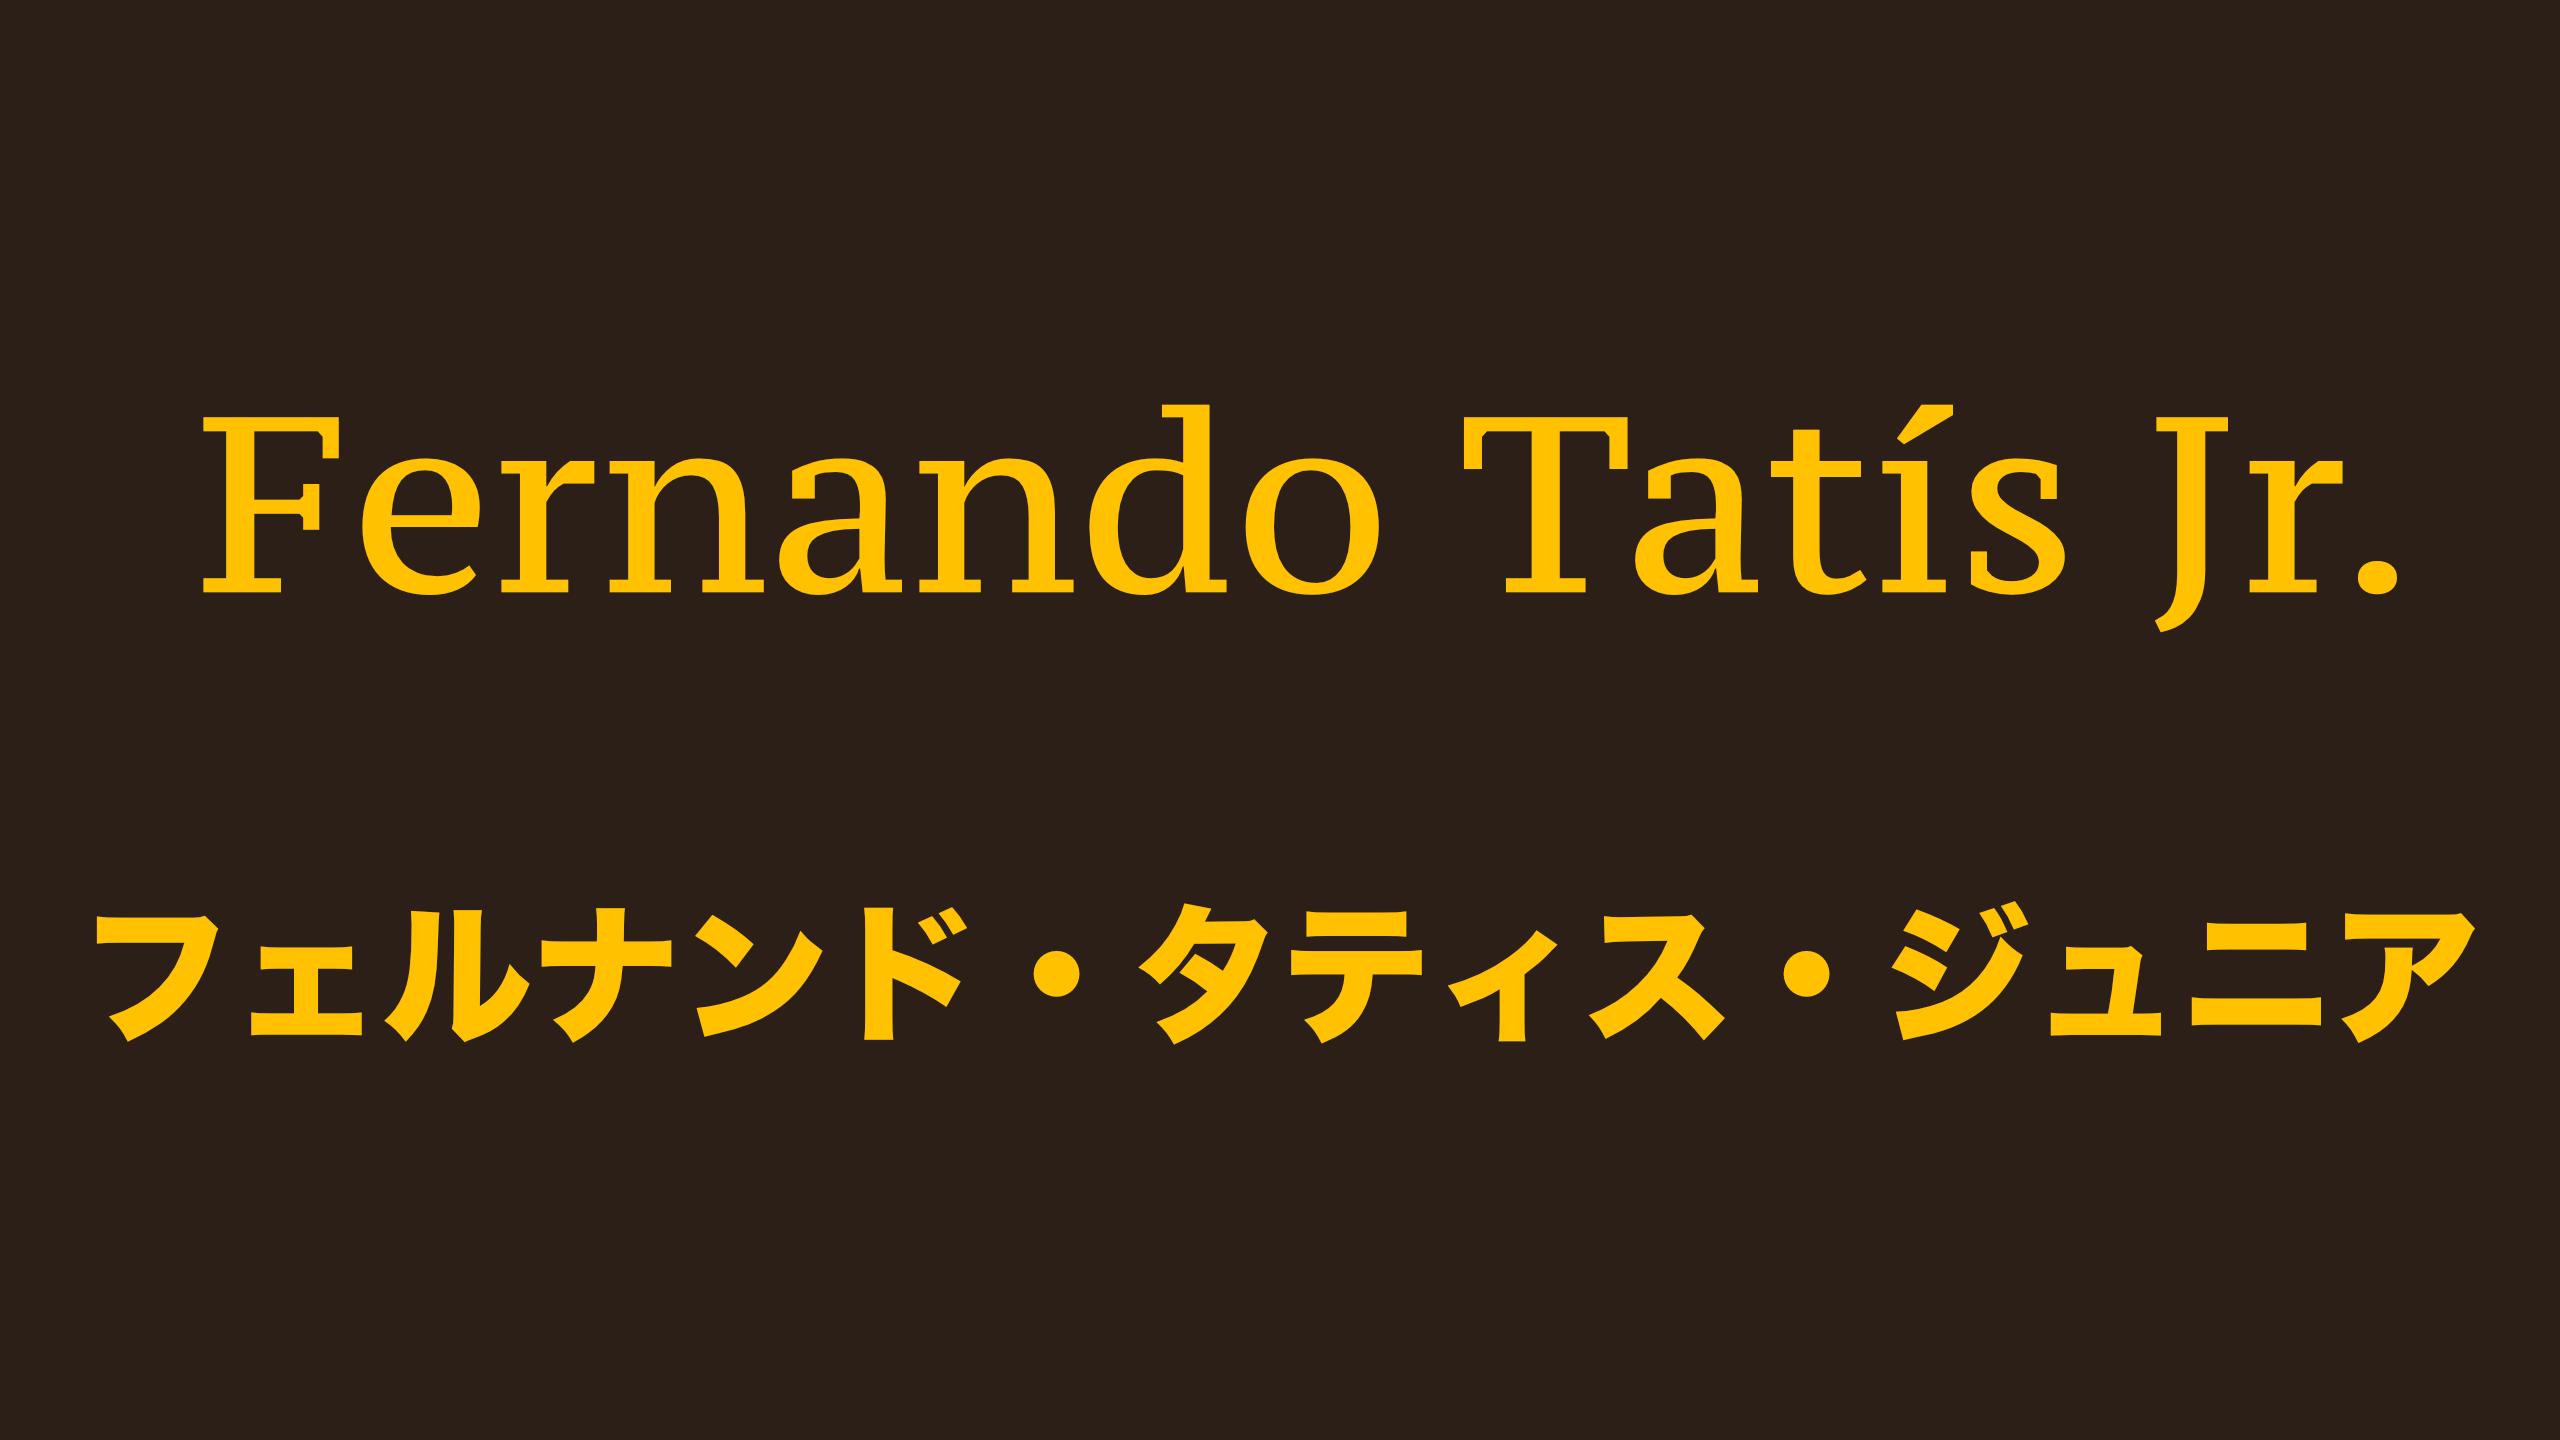 tatis jr